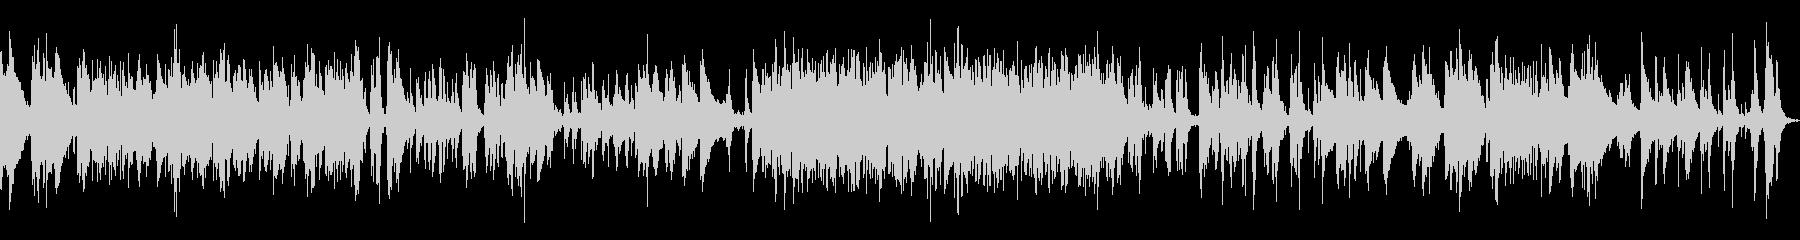 アップテンポなジャズピアノトラックの未再生の波形